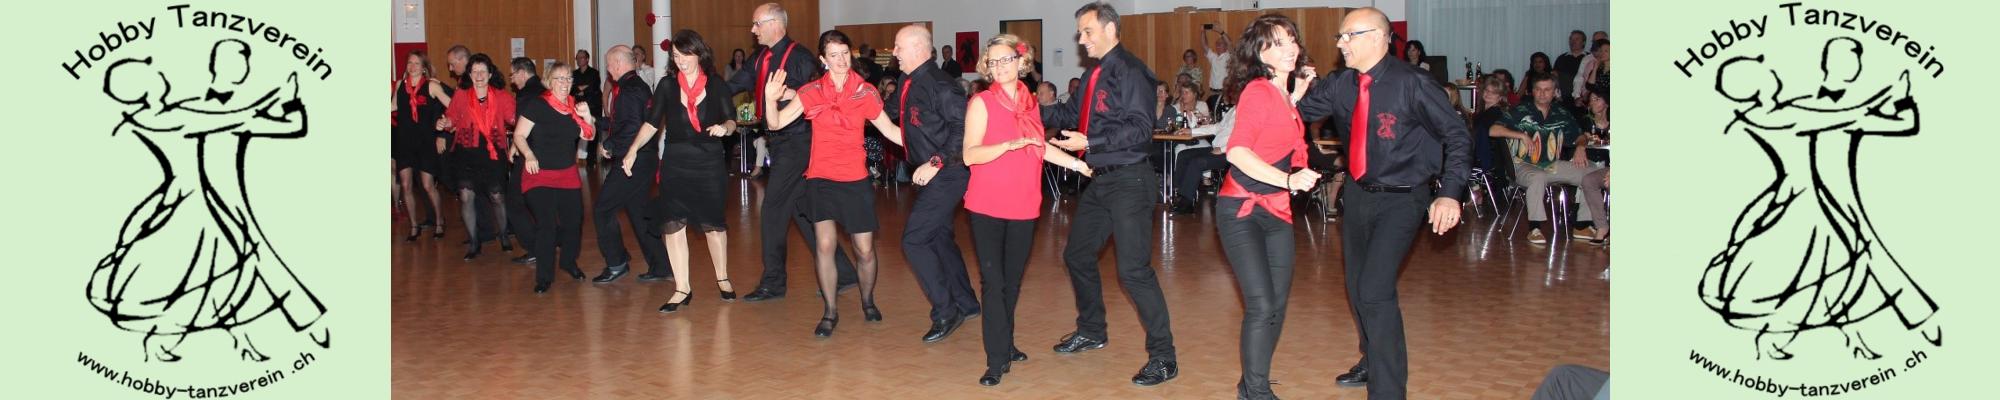 Hobby Tanzverein